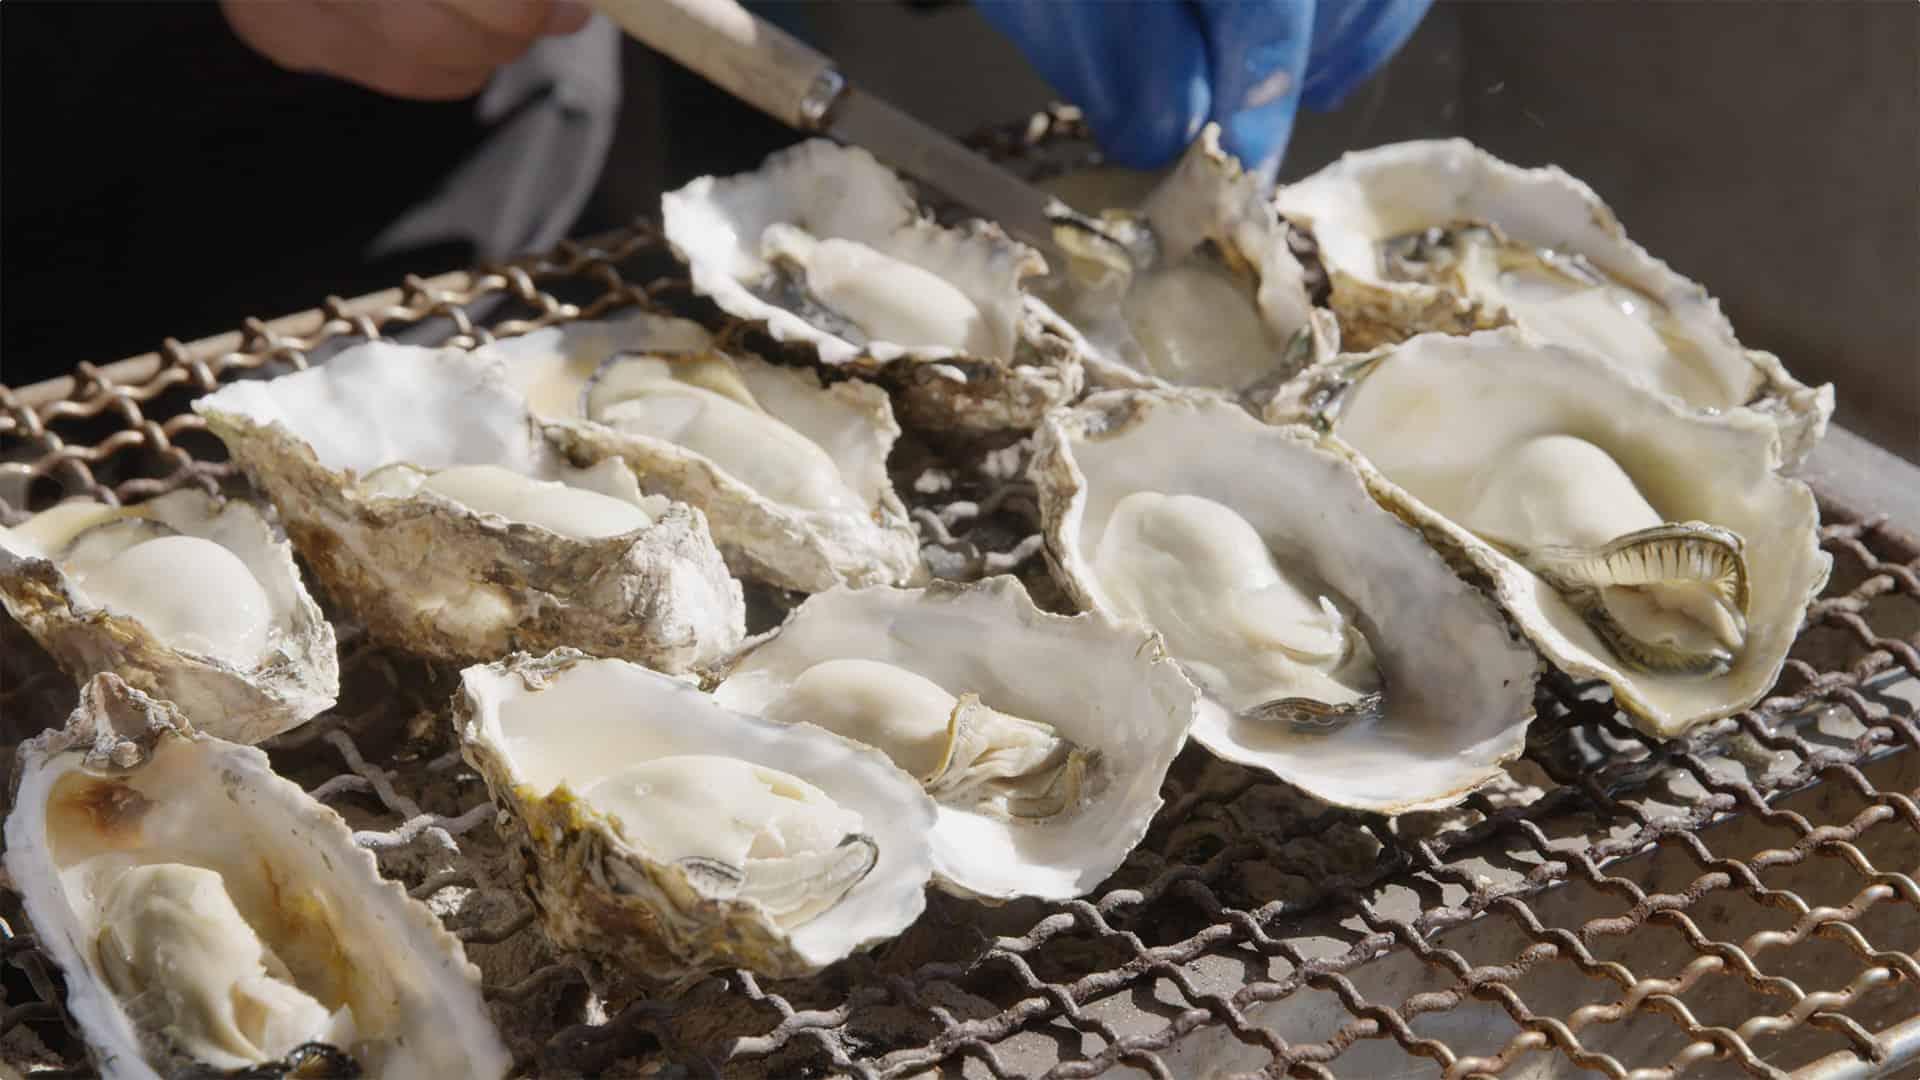 หอยนางรมสดใหม่ที่ชาวประมงจับมาจากทะเลในมัตสึชิมะ